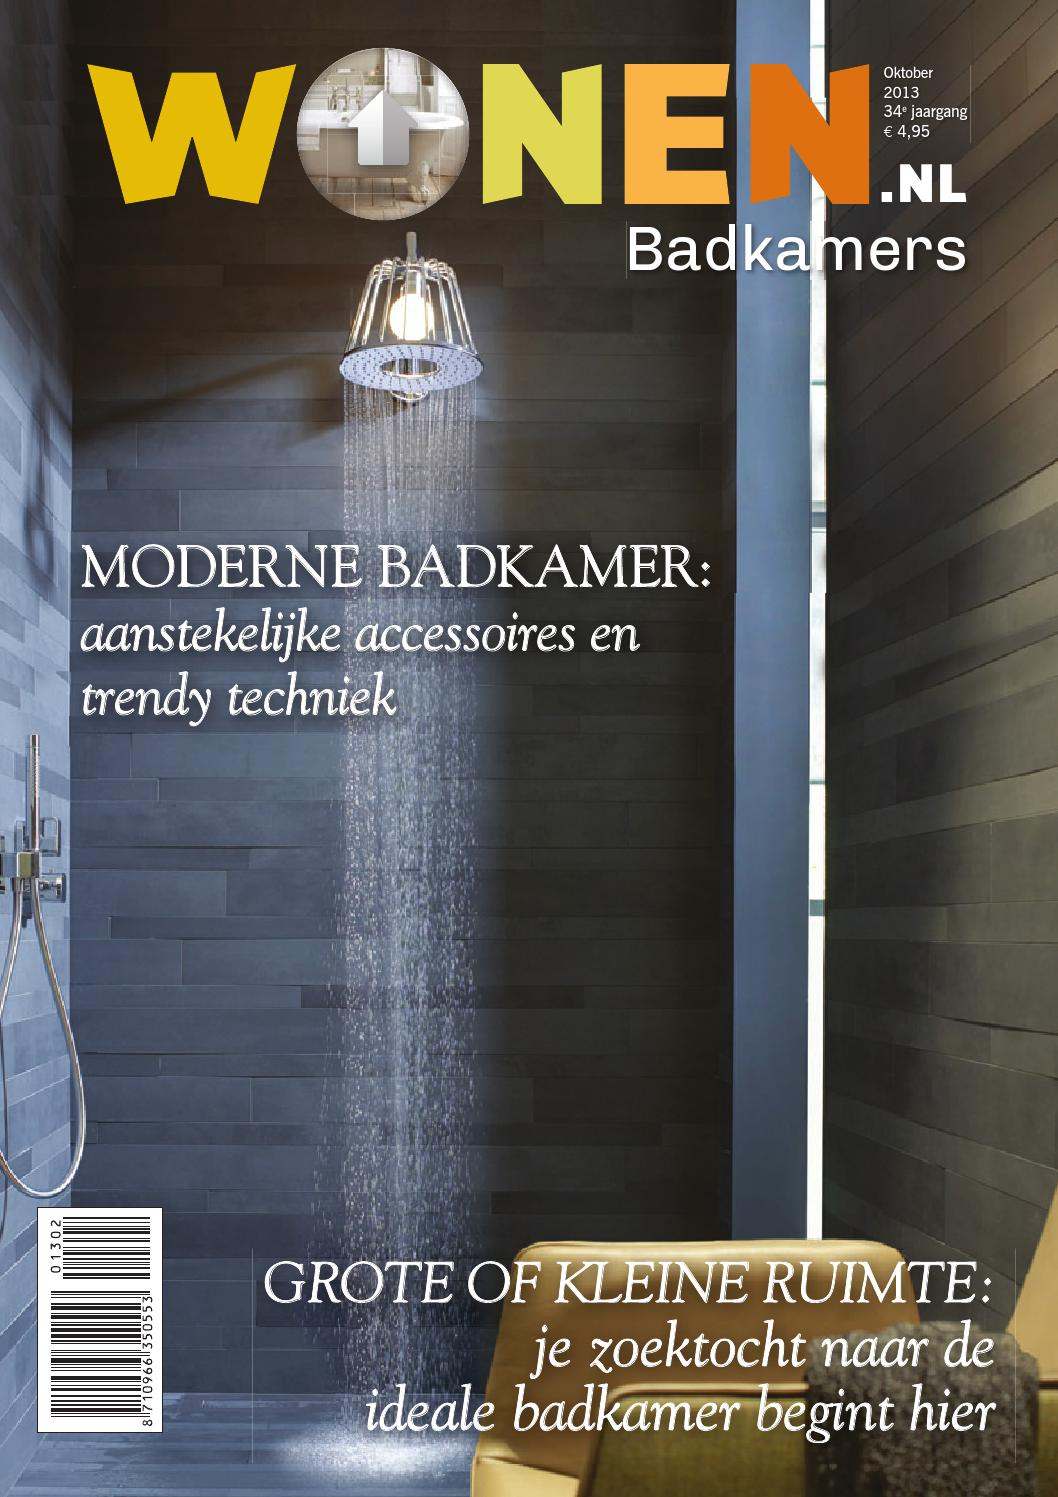 Wonen.nl Badkamers 2013-1 by Wonen Media - issuu